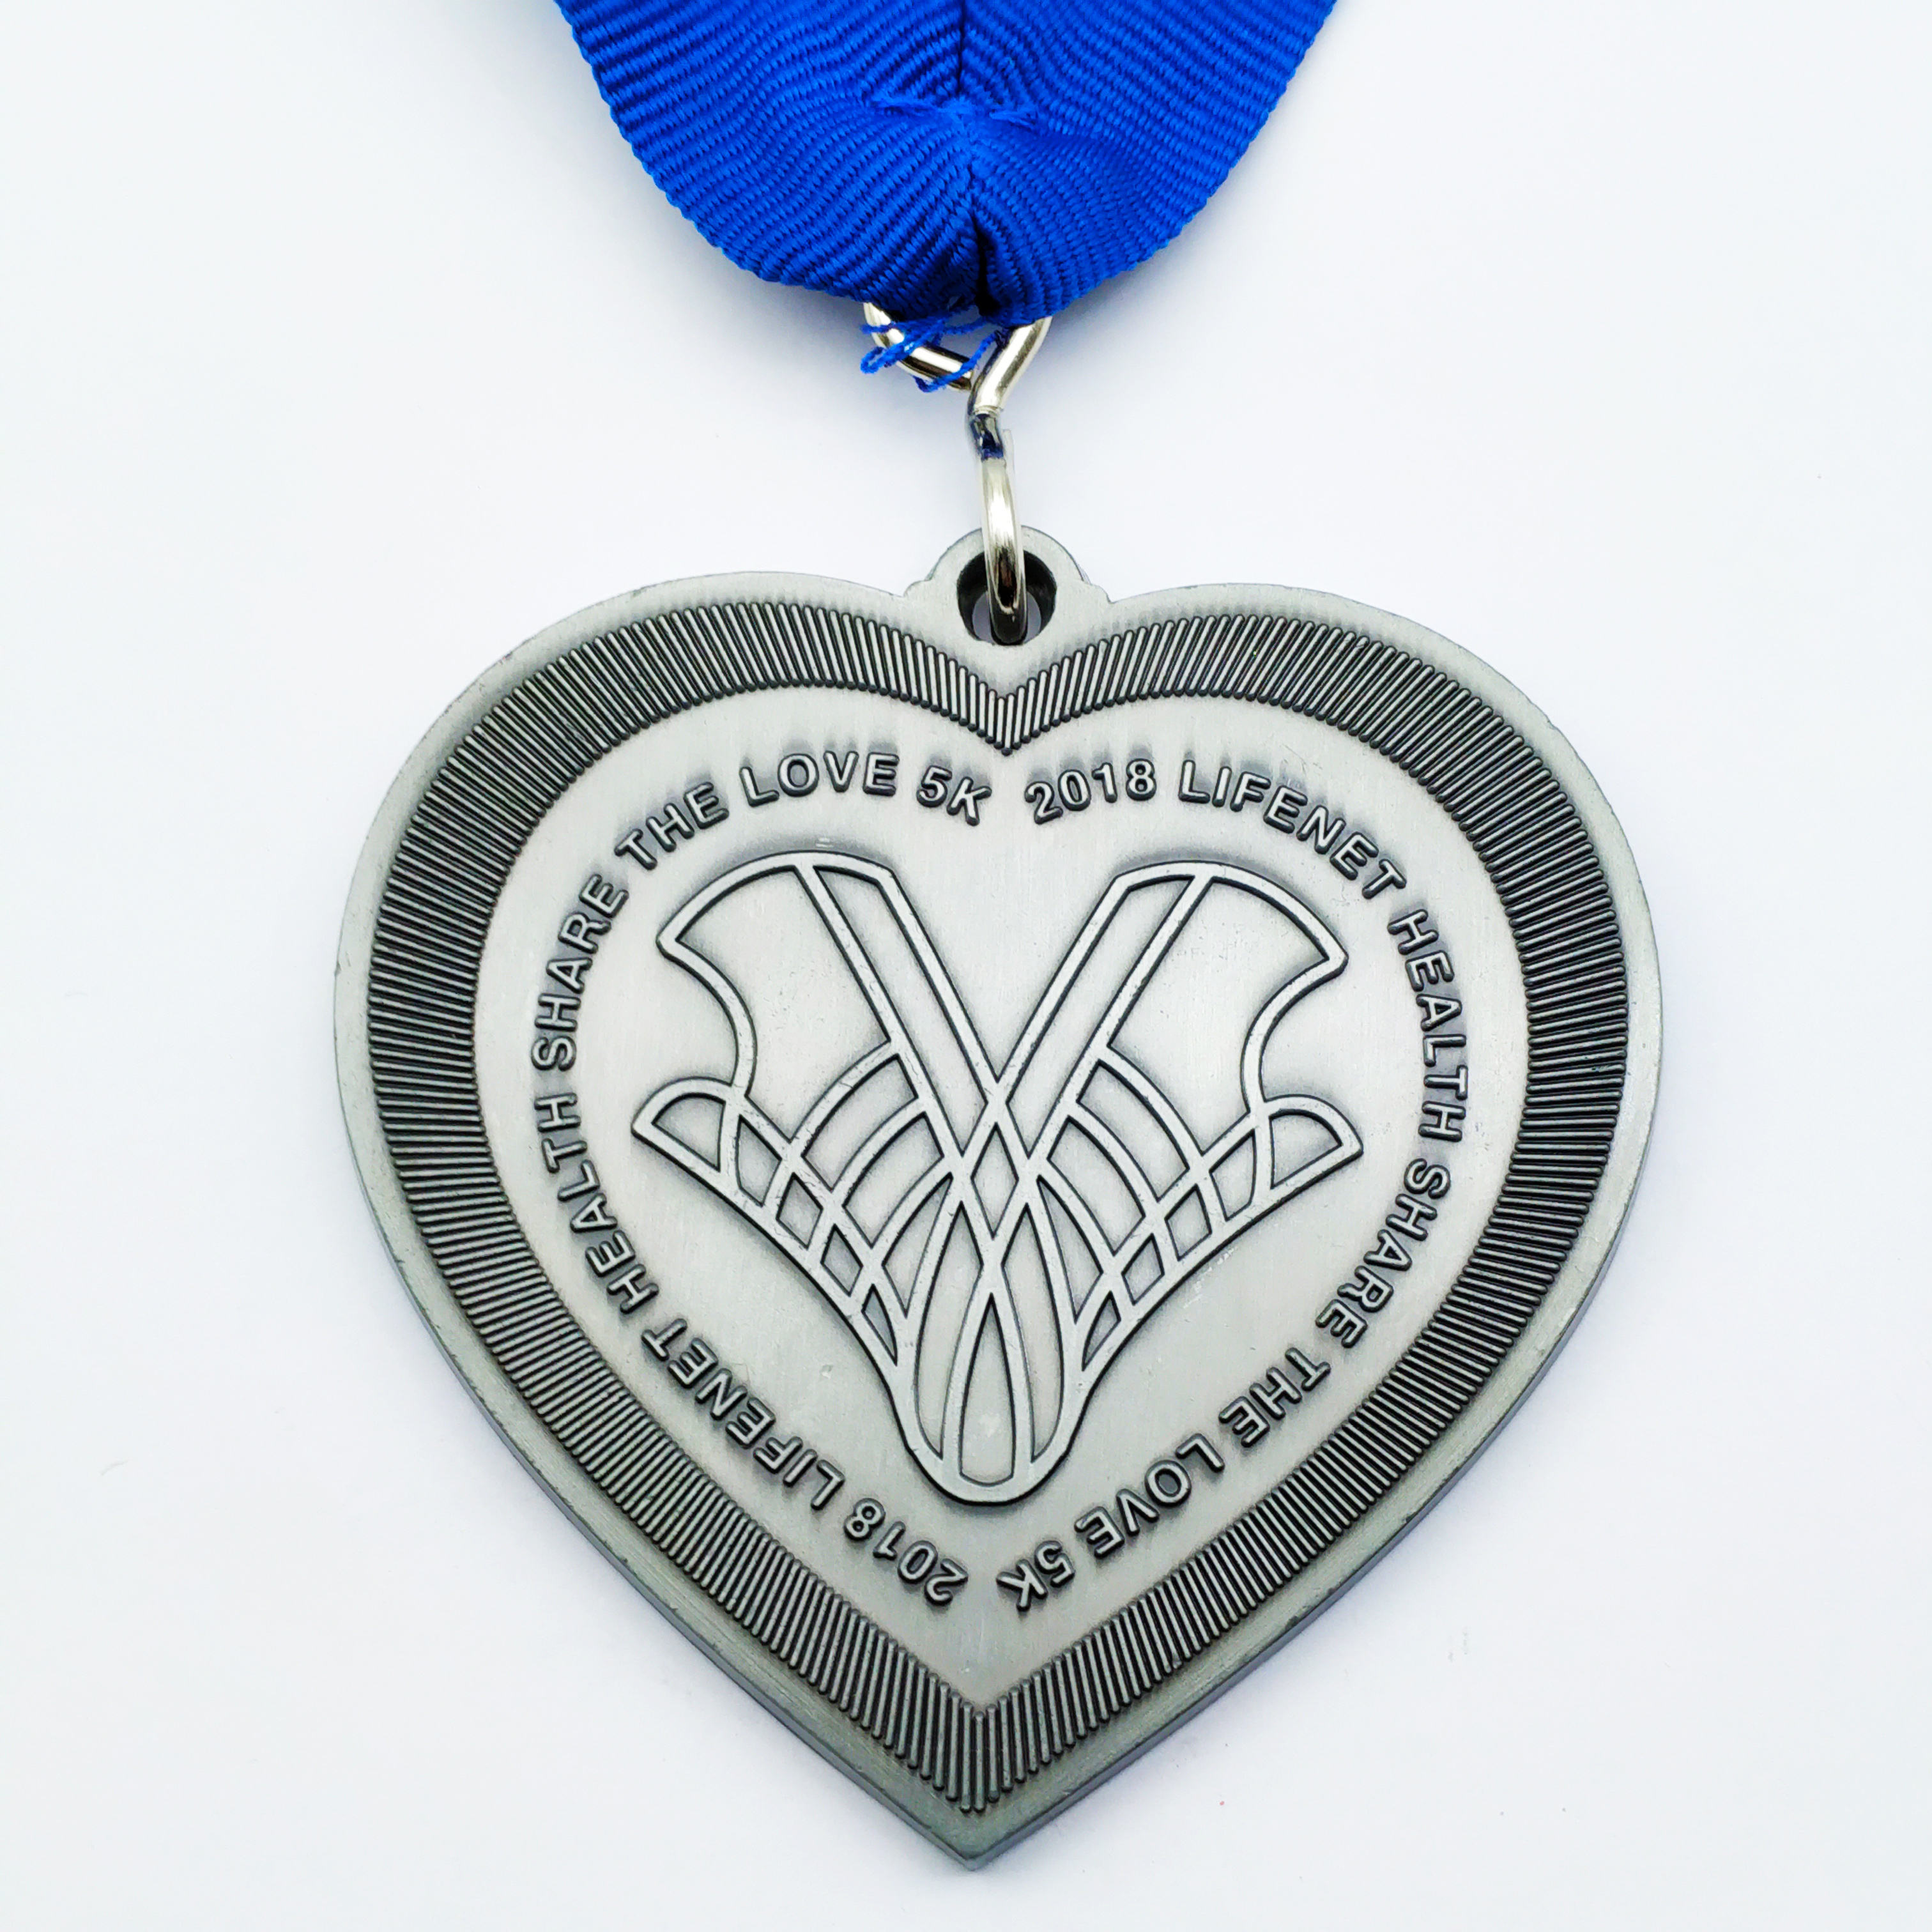 工場製造格安高品質lifenet健康共有愛 5 18k実行愛亜鉛合金エナメルメダル純粋なリボン